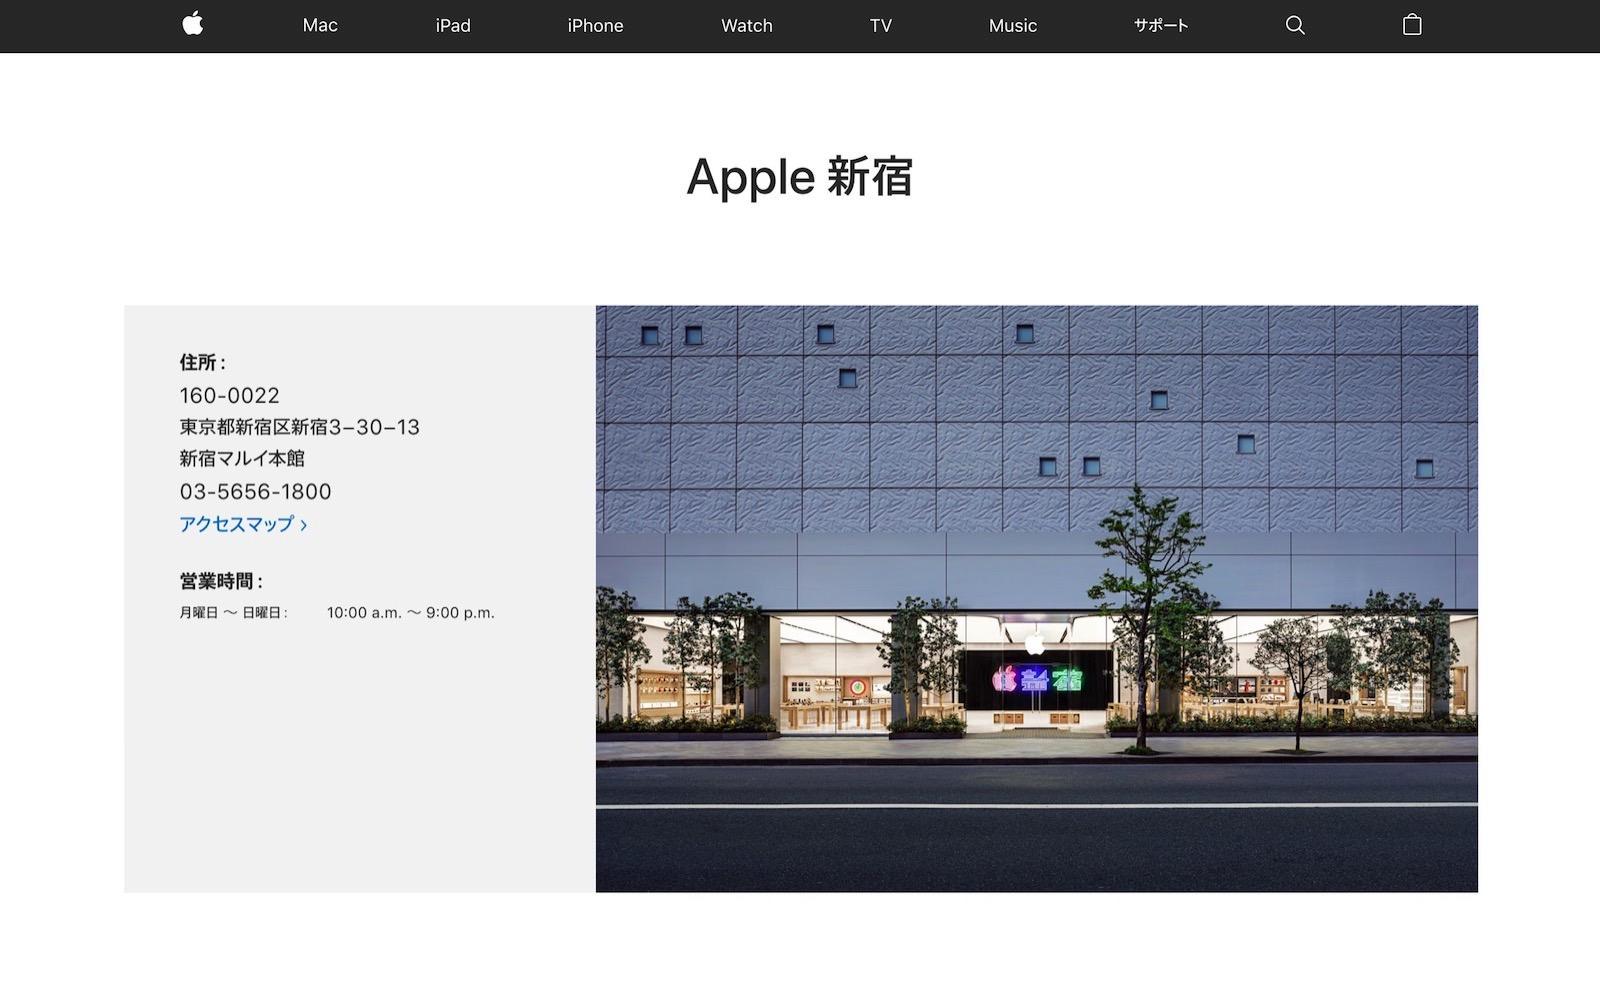 Apple Shinjuku Photoshop